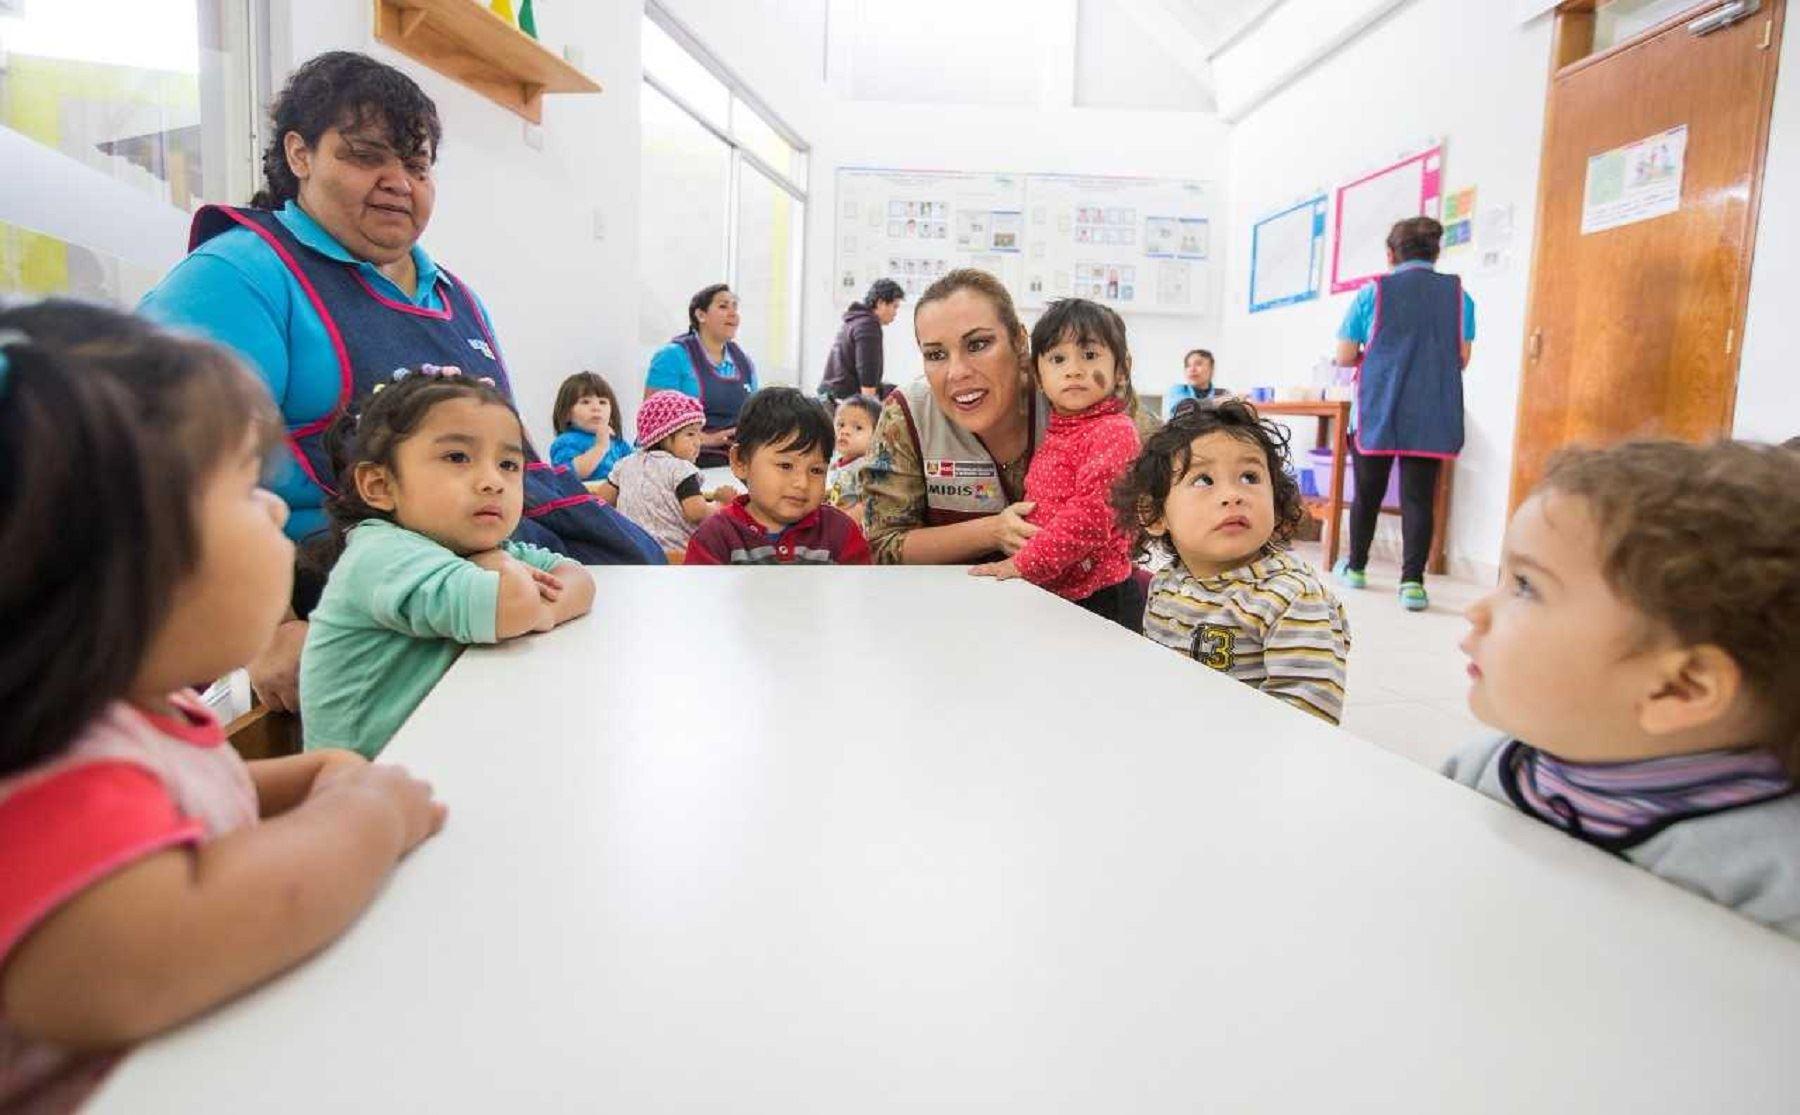 La anemia en Ayacucho se redujo de 52.8% en 2016 a 47.2% en 2017, siendo el compromiso reducir cinco puntos para el 2018, sostuvo hoy la ministra de Desarrollo e Inclusión Social, Fiorella Molinelli, durante su visita el distrito de Chuschi, provincia de Cangallo